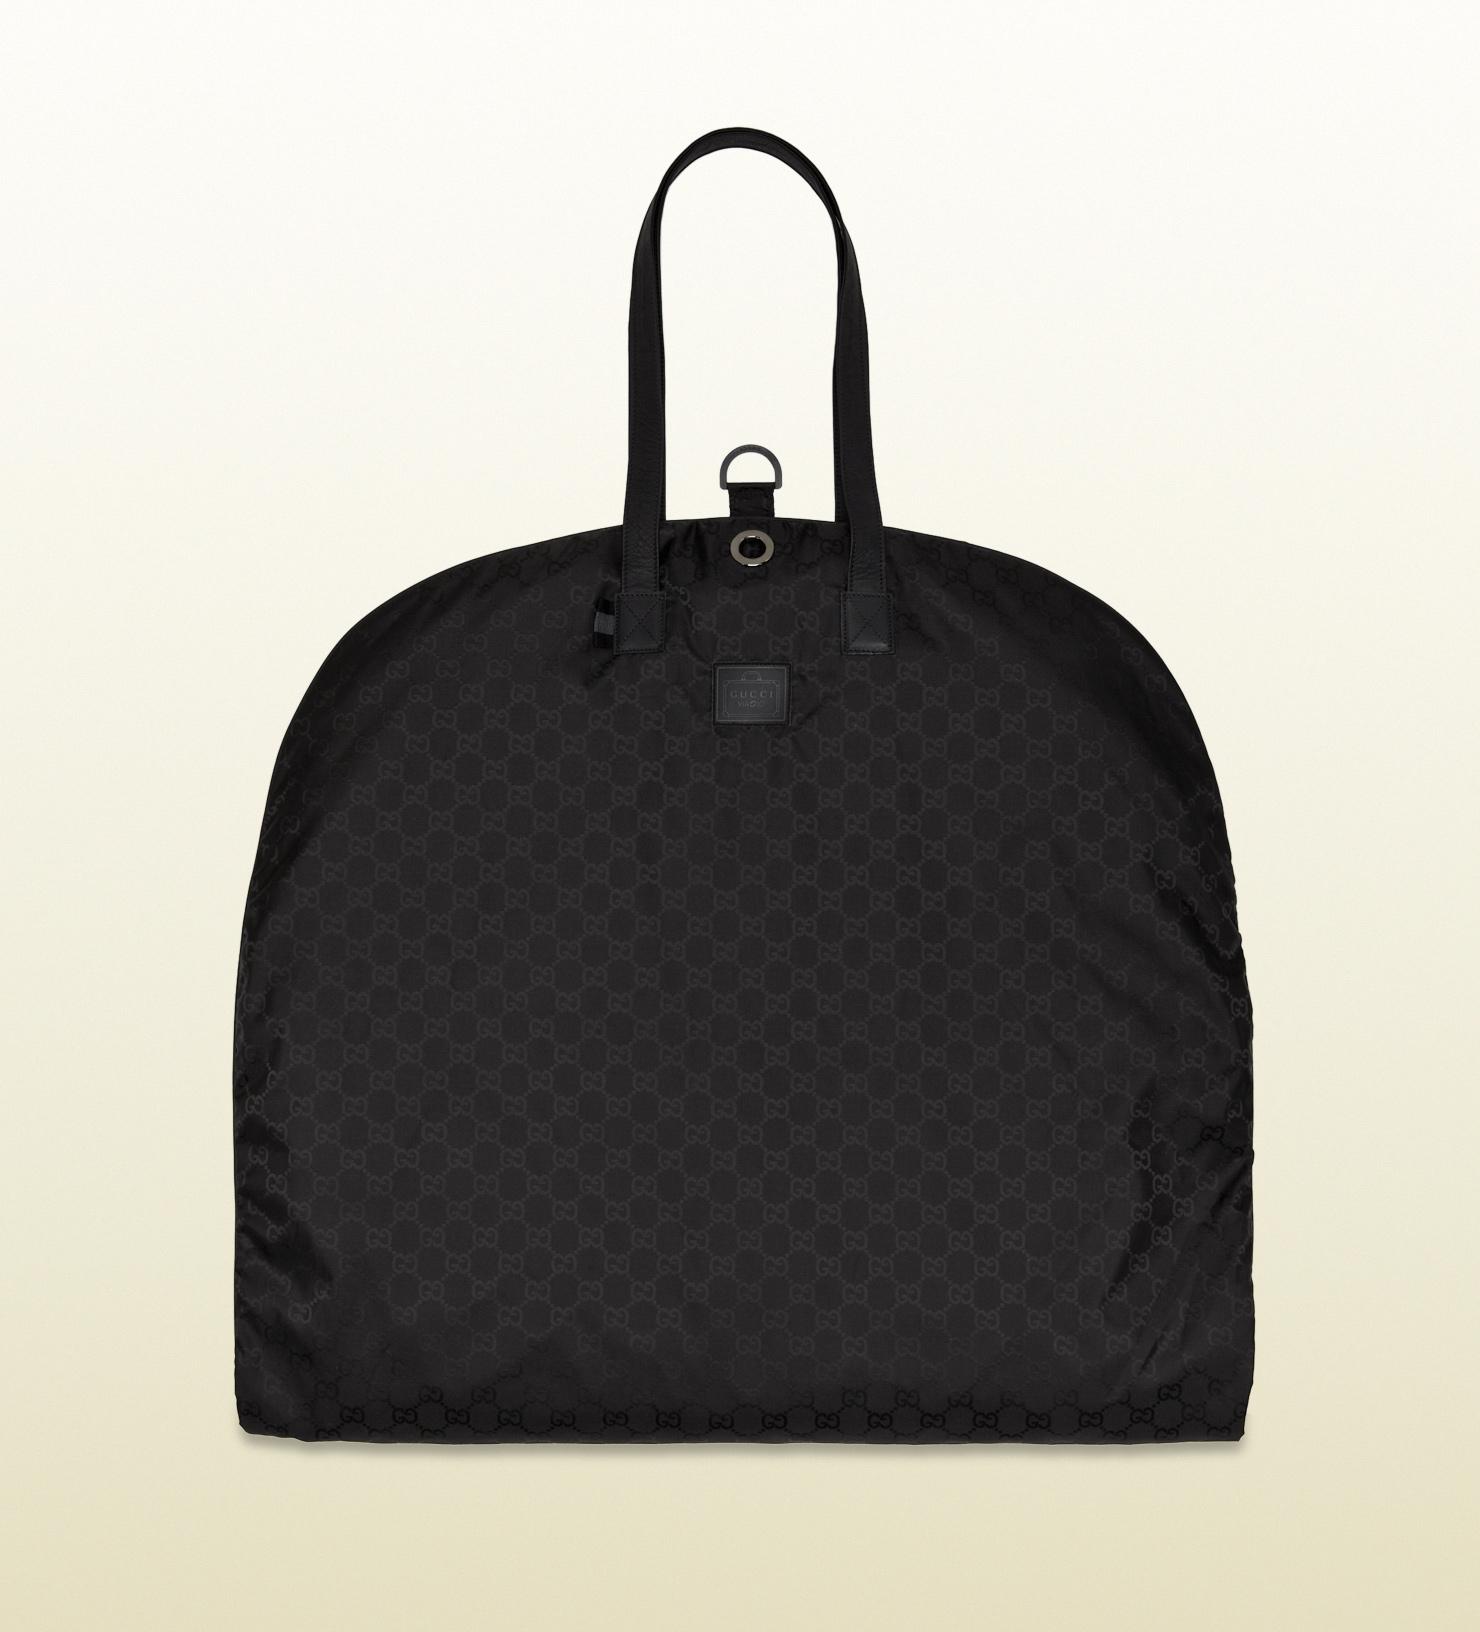 c0a20cbdf2c9 Gucci Black Gg Nylon Garment Bag From Viaggio Collection in Black ...